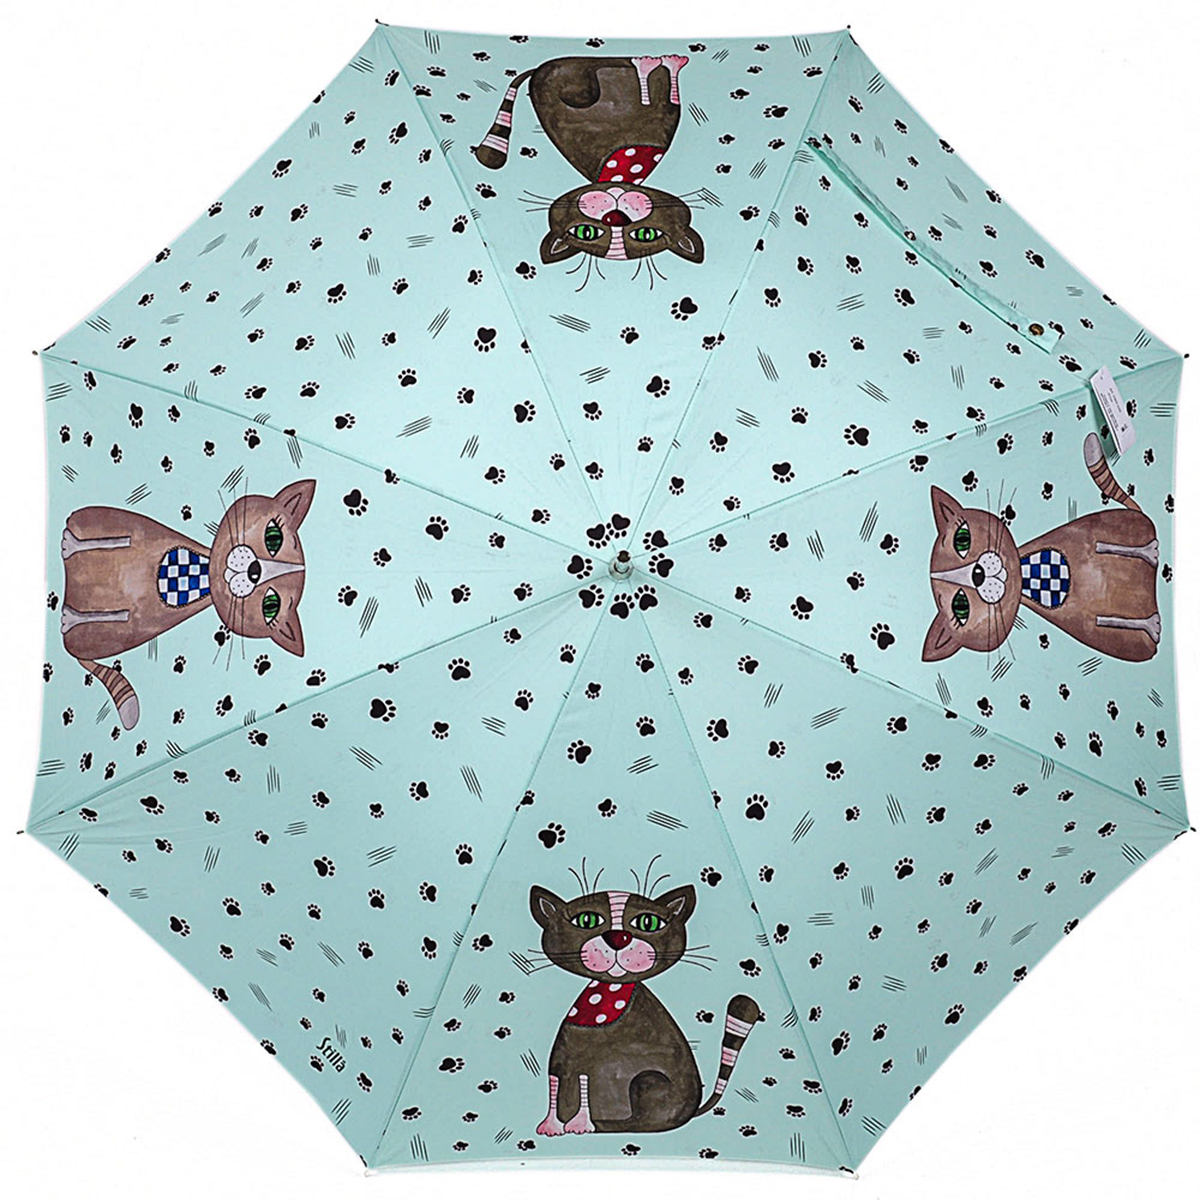 Зонт-трость женский Stilla, цвет: светло-бирюзовый, коричневый. 729/2 autoПуссеты (гвоздики)Зонт-трость Stilla надежно защитит вас от дождя. Купол, оформленный оригинальным принтом, выполнен из высококачественного ПВХ, который не пропускает воду.Каркас зонта и спицы выполнены из высококарбонистой стали. Зонт имеет автоматический тип сложения: открывается и закрывается при нажатии на кнопку. Удобная ручка выполнена из пластика.